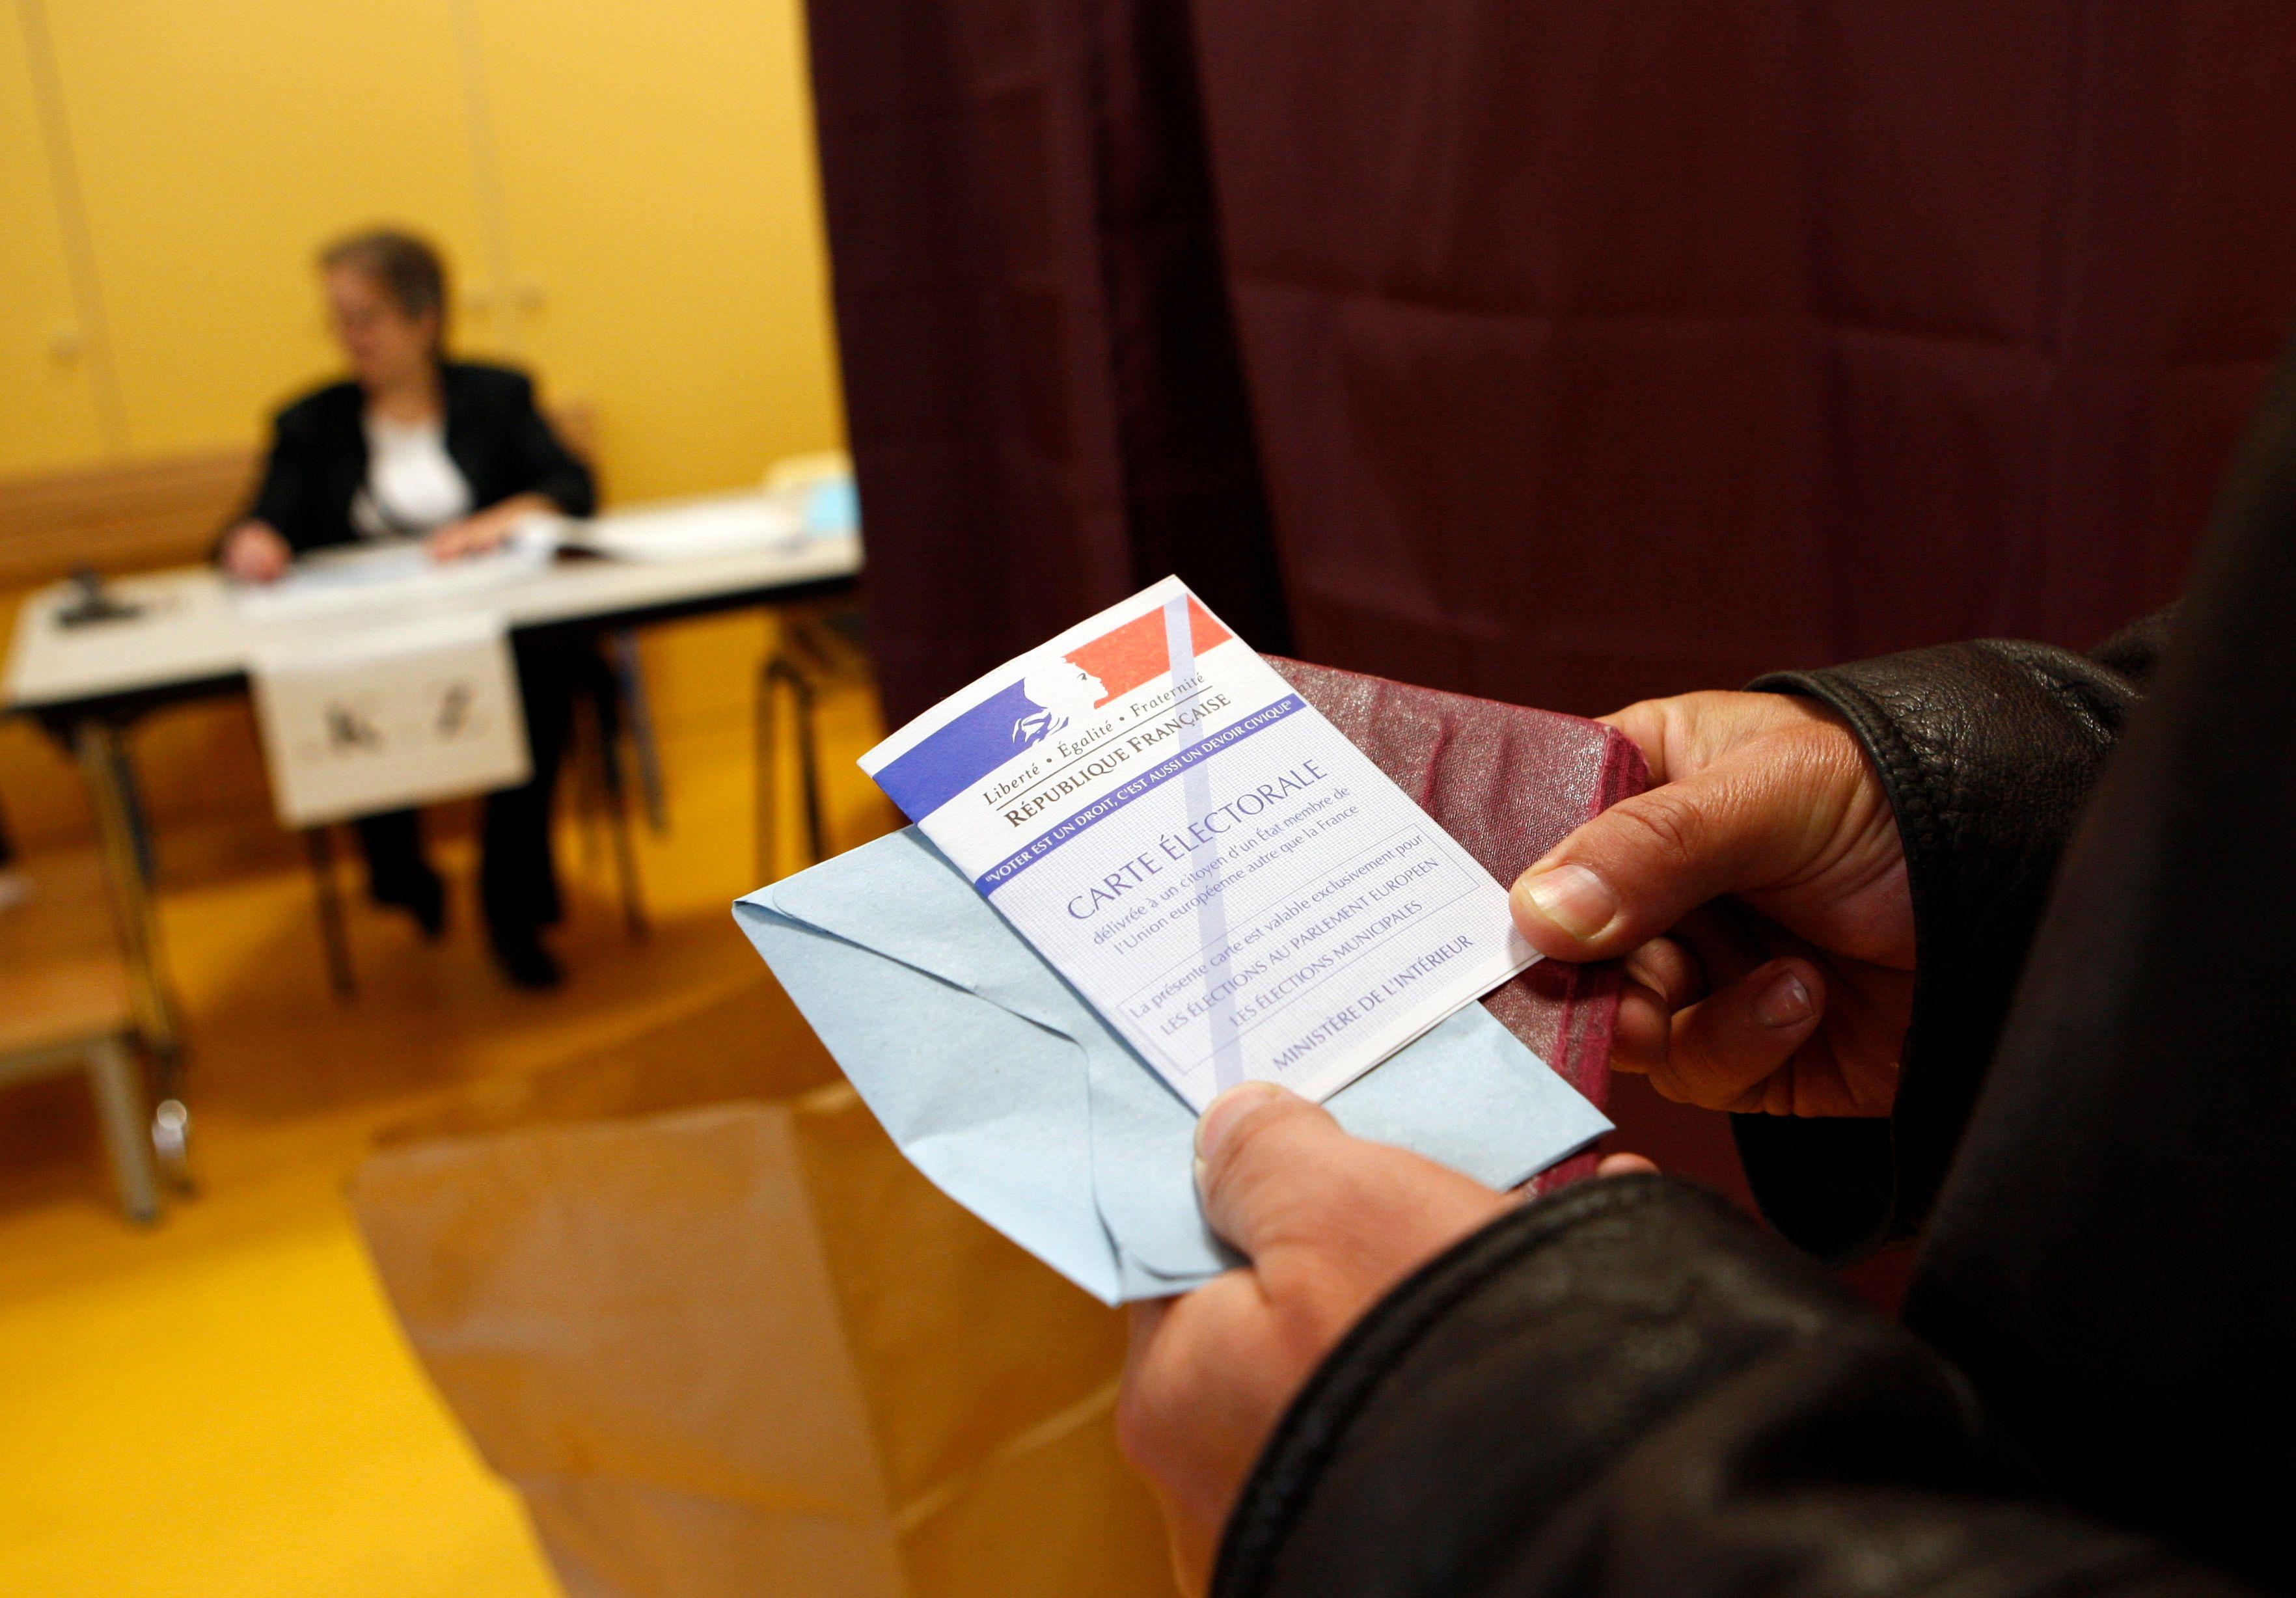 """Les cinq mots les plus utilisés dans les slogans des élections municipales de 2014 sont """"Ensemble"""", """"avenir"""", """"agir"""", """"demain"""", et """"autrement""""."""